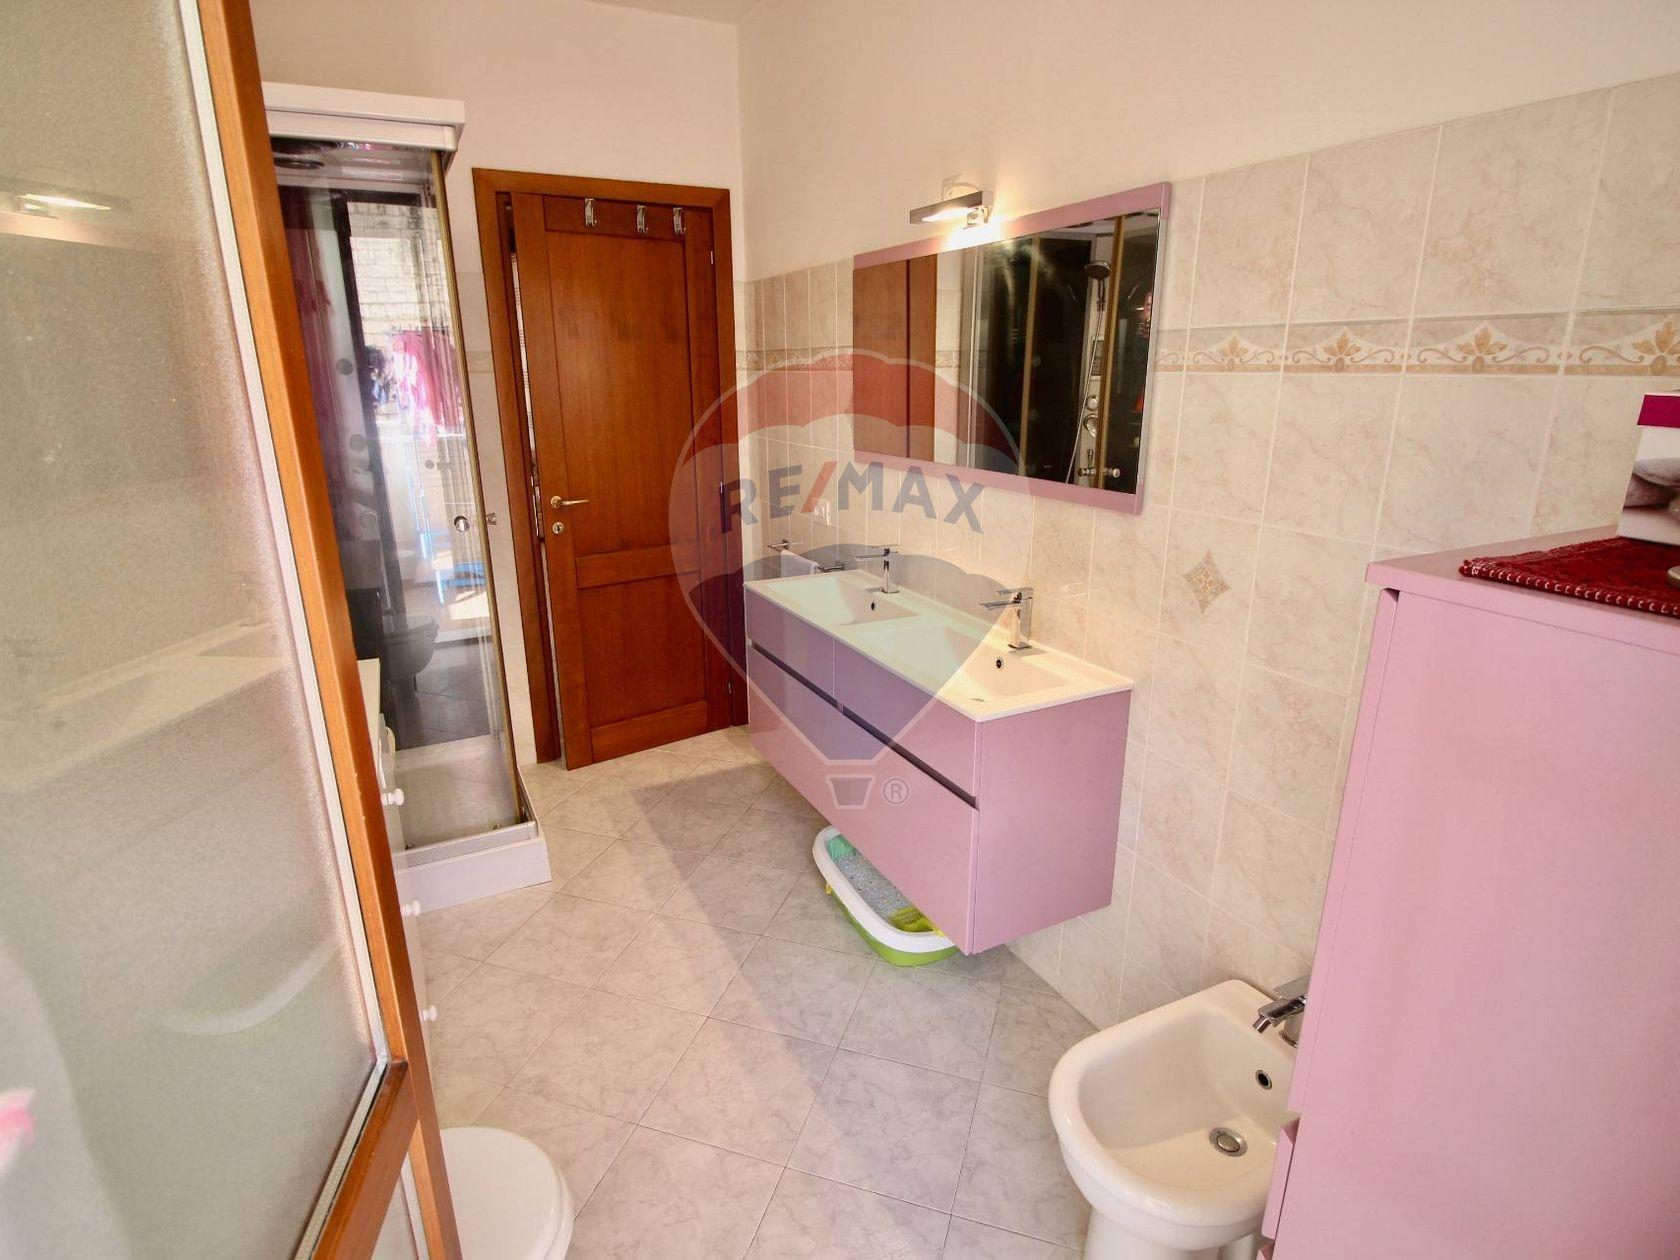 Appartamento Monte Rosello, Sassari, SS Vendita - Foto 7